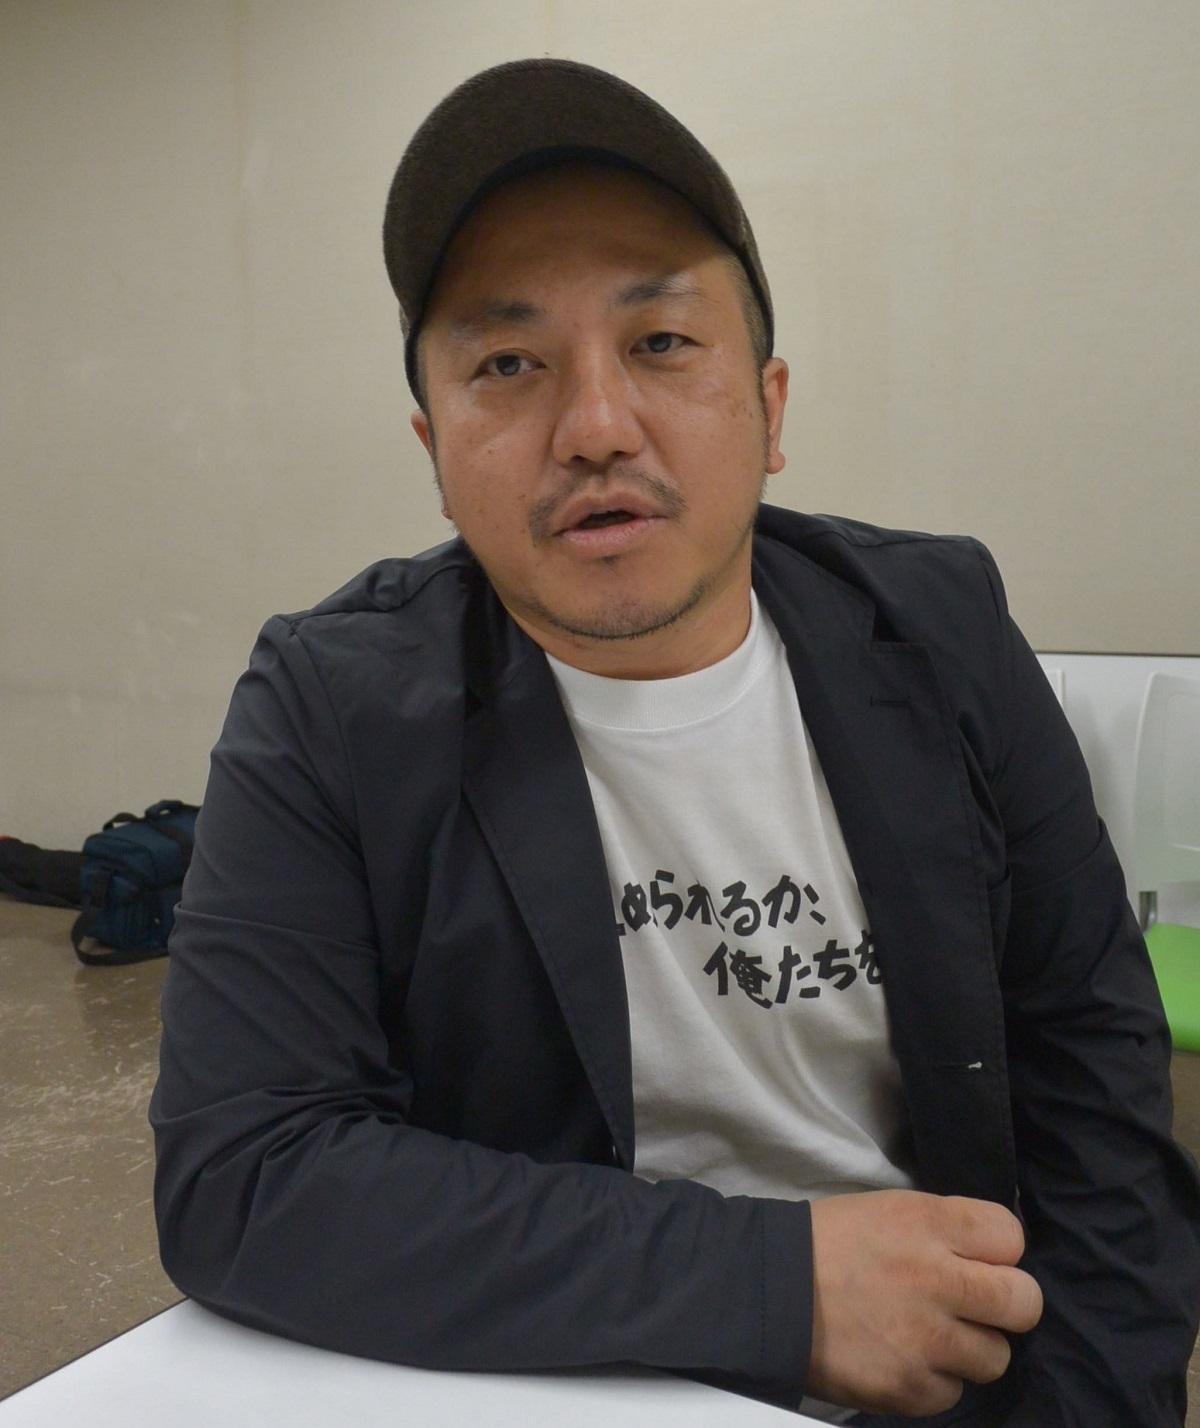 写真・図版 : 白石和彌 映画監督。11月8日の新作『ひとよ』(配給・日活)の公開を控えて超多忙の中、抗議のための上映ボイコット行動を起こした。今年の劇場公開は『麻雀放浪記2020』『凪待ち』に続いて3作品目